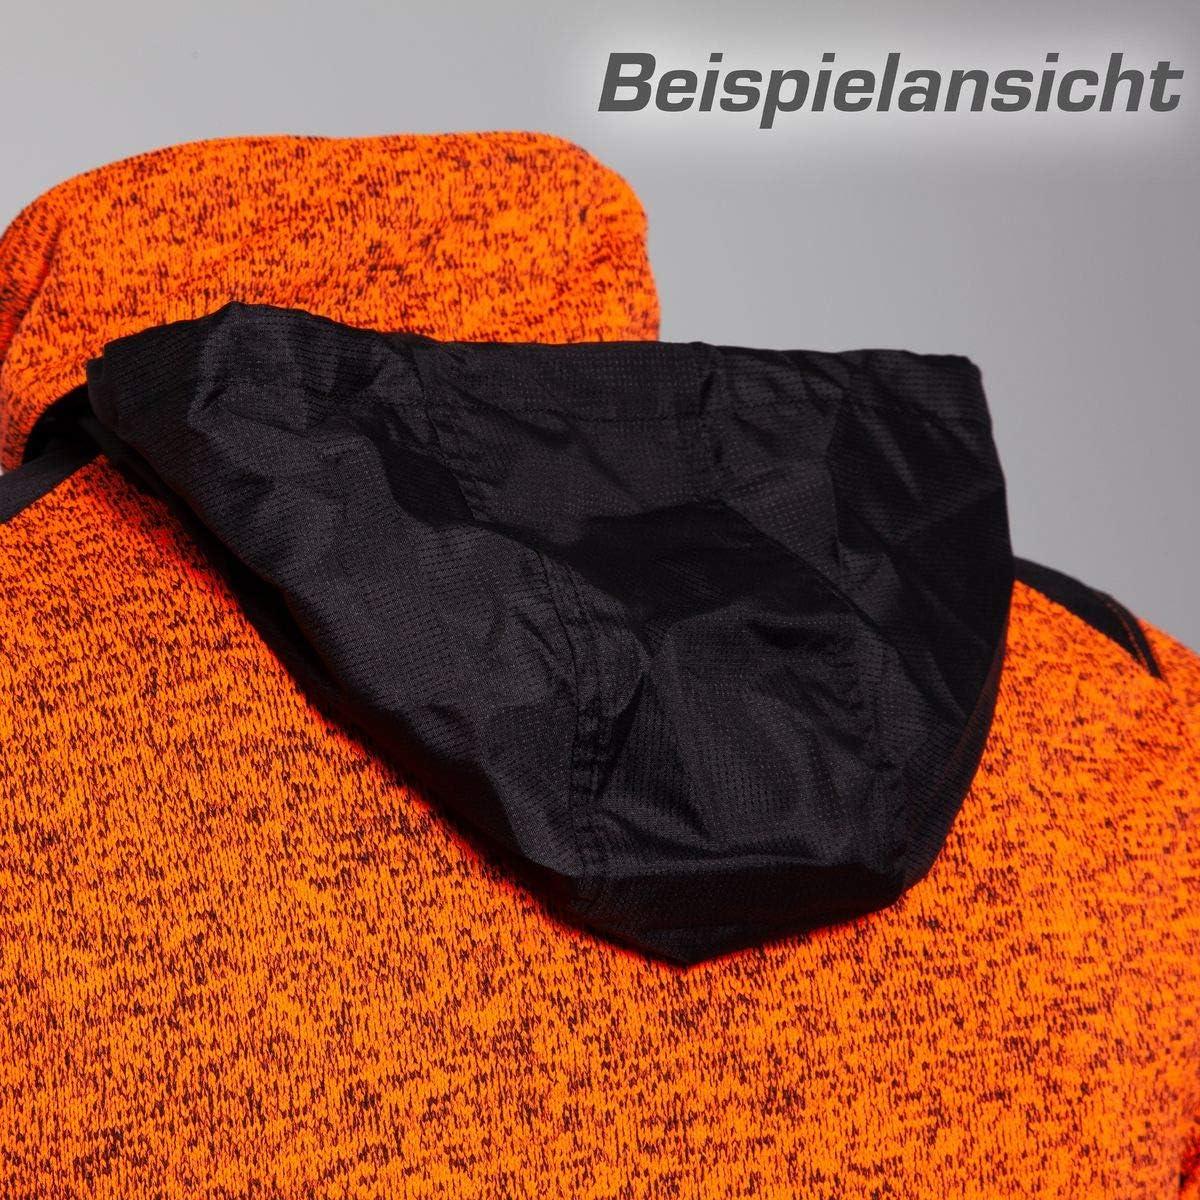 Qualitex Protectano Workwear Veste en Polaire tricotée pour Homme et Femme avec Softshell et Cordura Kiwi Chiné